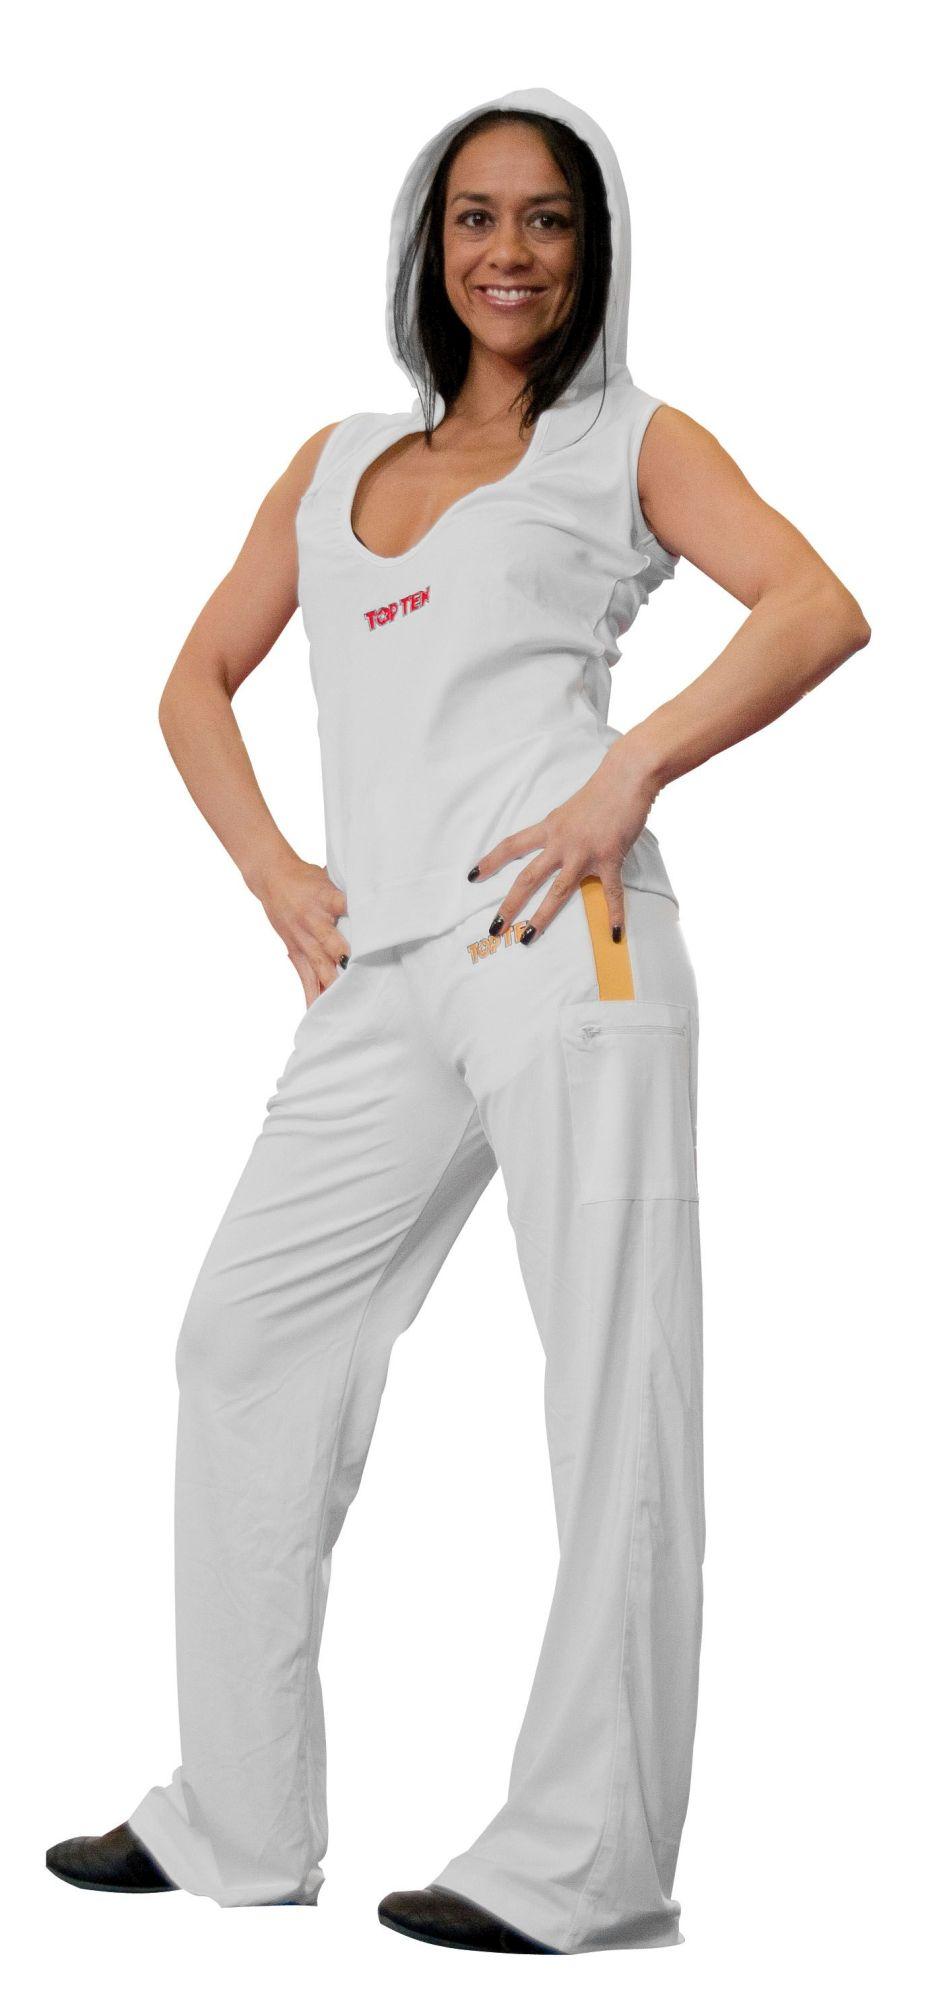 TOP TEN Mouwloos hoodie voor dames met lage hals Wit